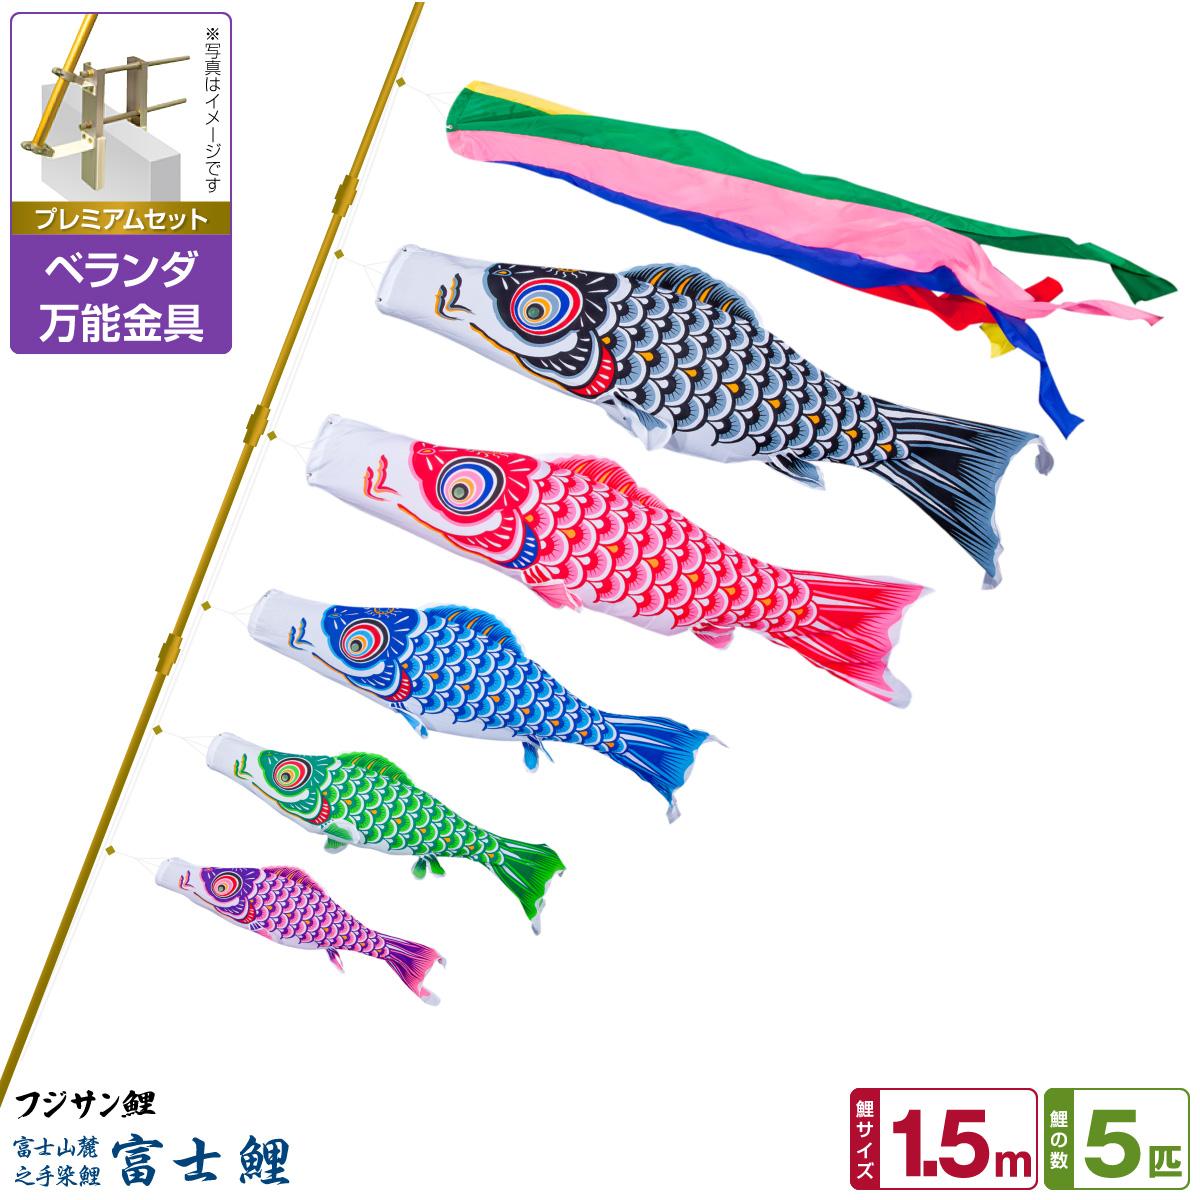 ベランダ用 こいのぼり 鯉のぼり フジサン鯉 富士鯉 1.5m 8点(吹流し+鯉5匹+矢車+ロープ)/プレミアムセット(万能取付金具)